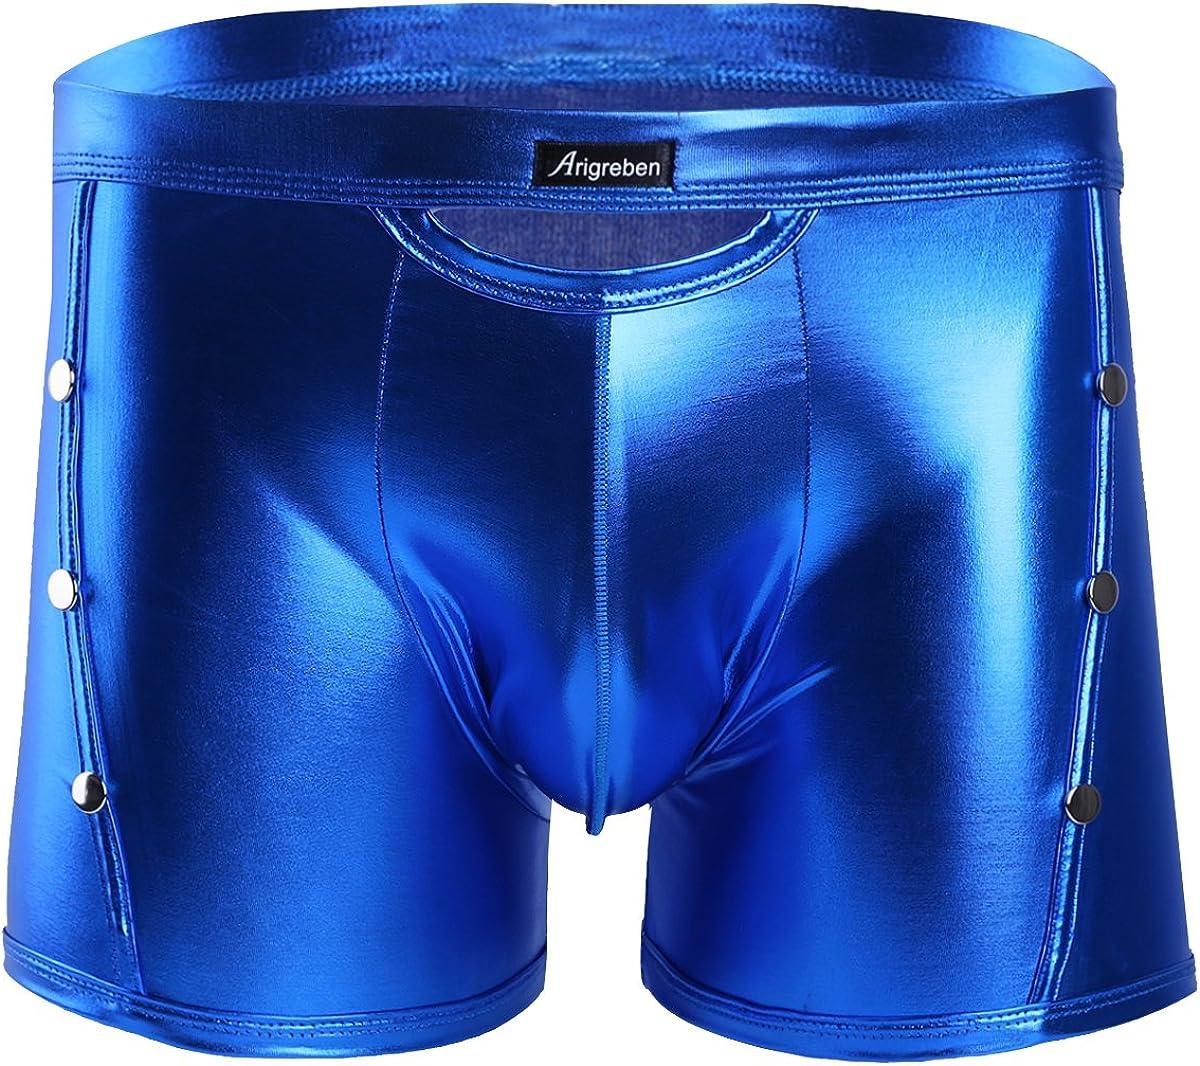 MSemis Men's Wetlook Bikini Swim Trunks Swimsuit Side Rivets Metallic Pouch Boxer Shorts Briefs Underwear